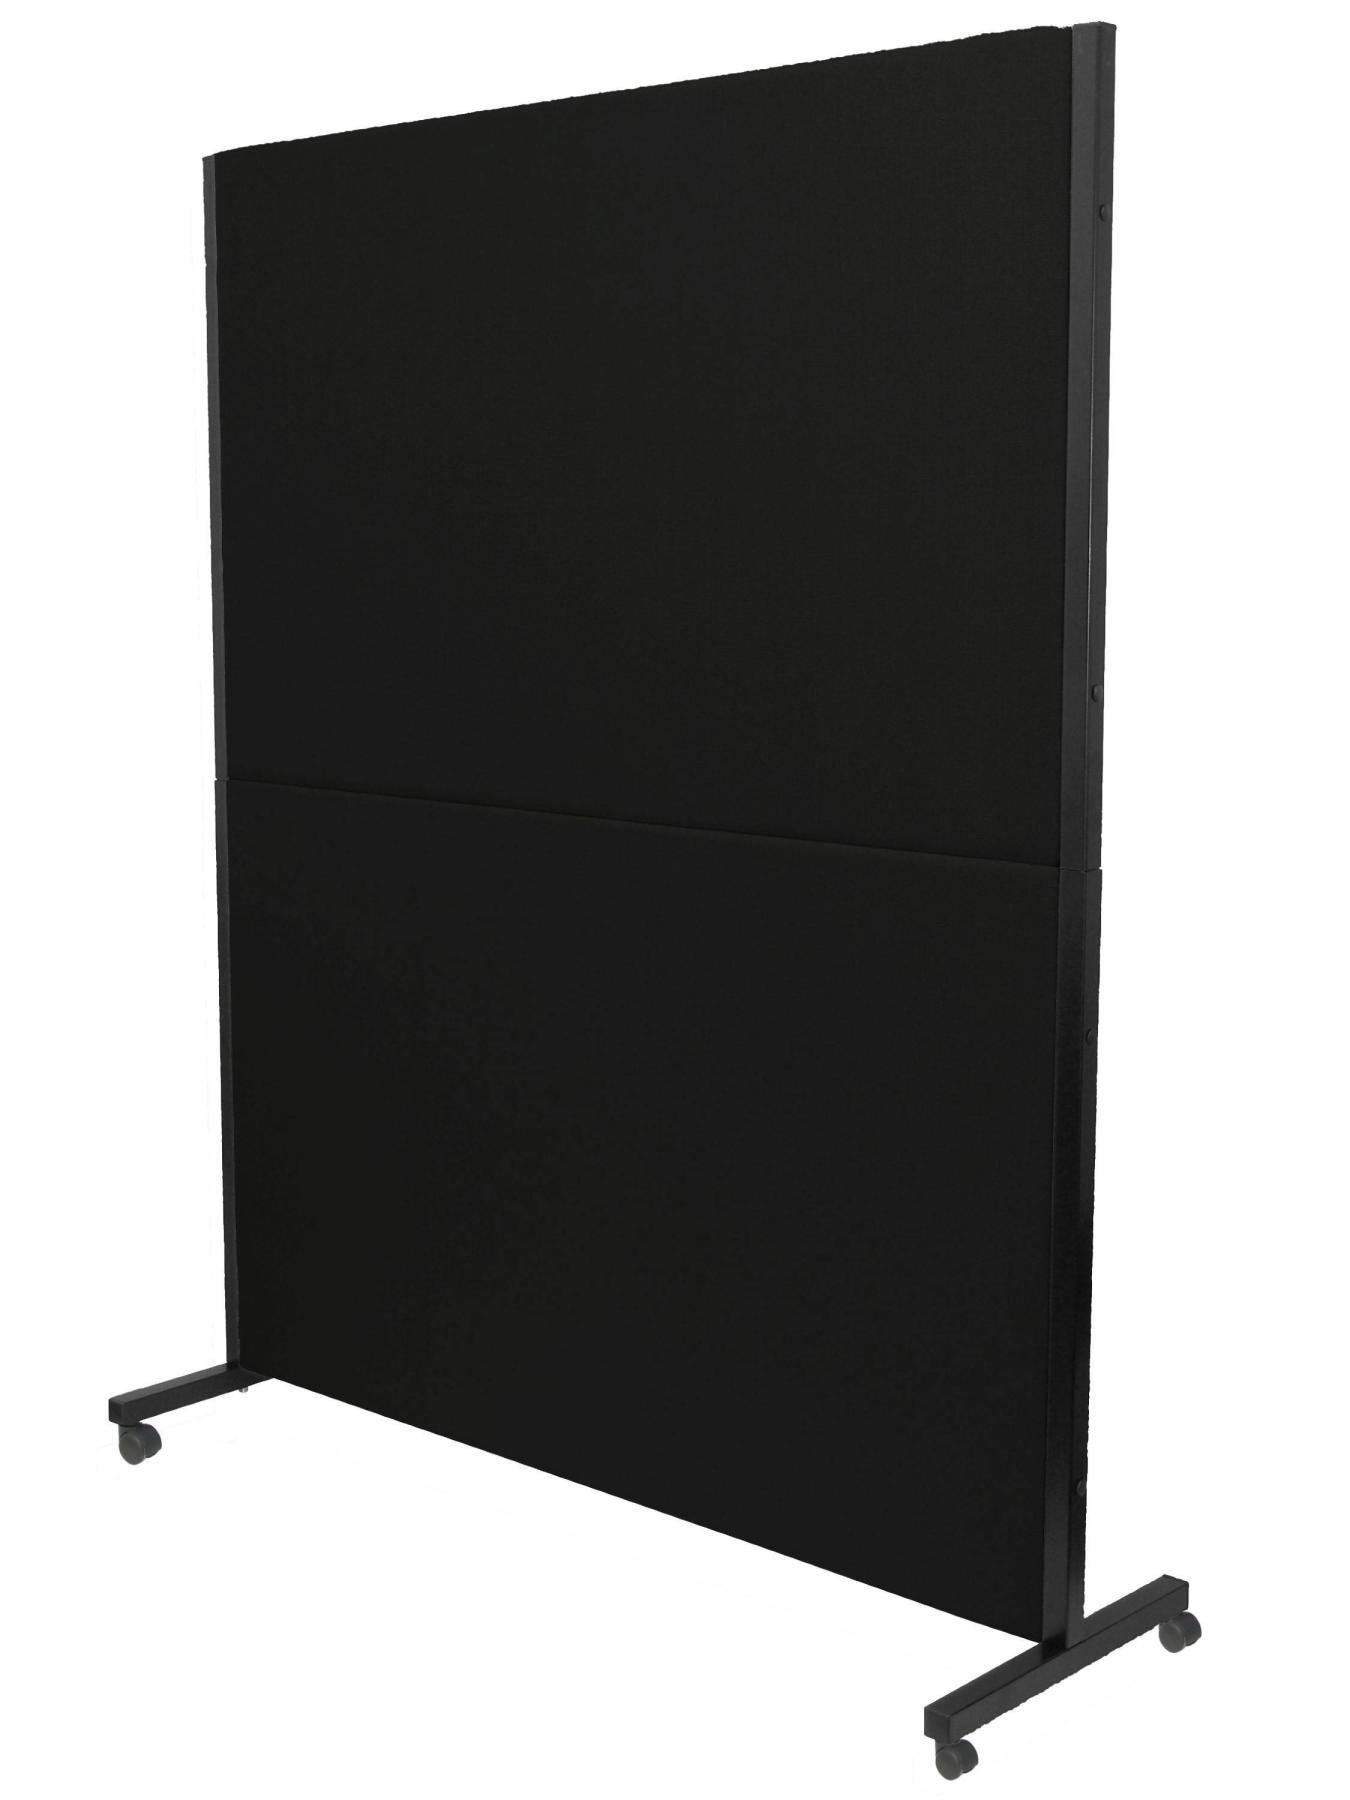 Séparateur d'écran pliable avec roues avec frein, pour bureaux et centres de travail, détachable et avec structure de couleur noire-